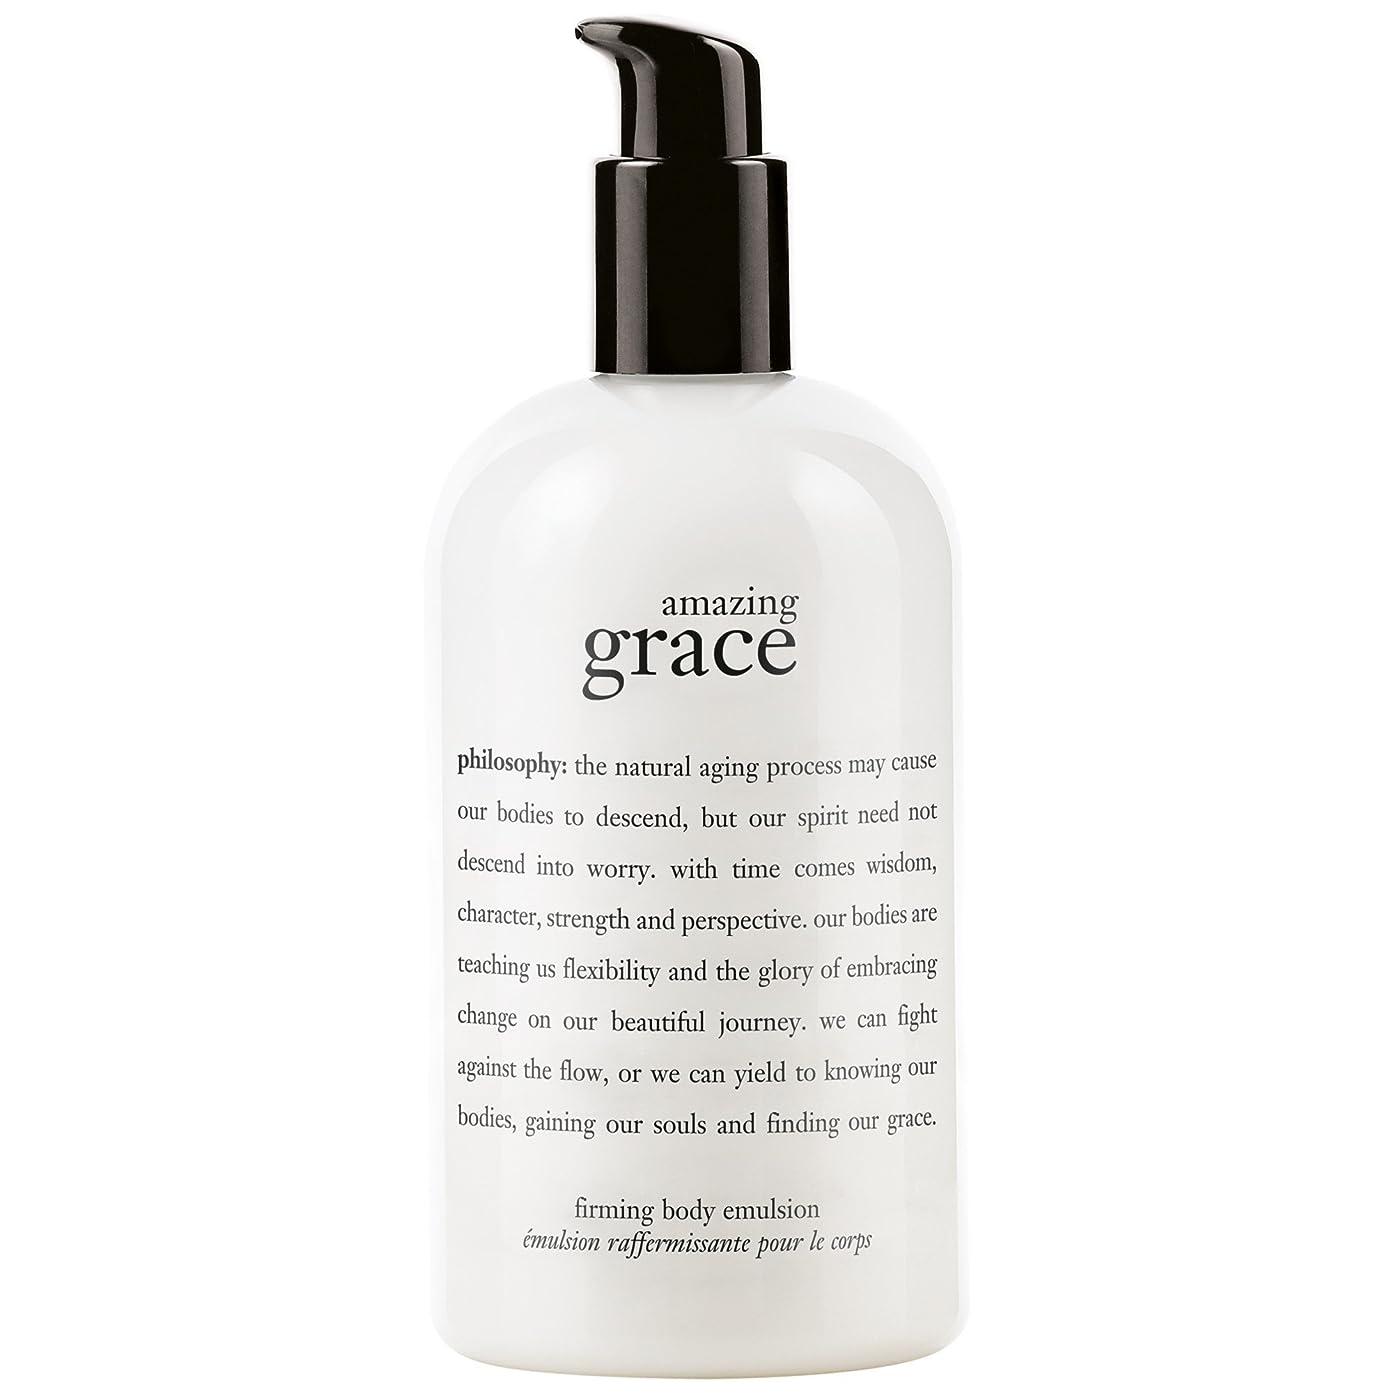 喪世界的にデザート哲学驚くべき恵み引き締めボディエマルジョン480ミリリットル (Philosophy) (x6) - Philosophy Amazing Grace Firming Body Emulsion 480ml (Pack of 6) [並行輸入品]